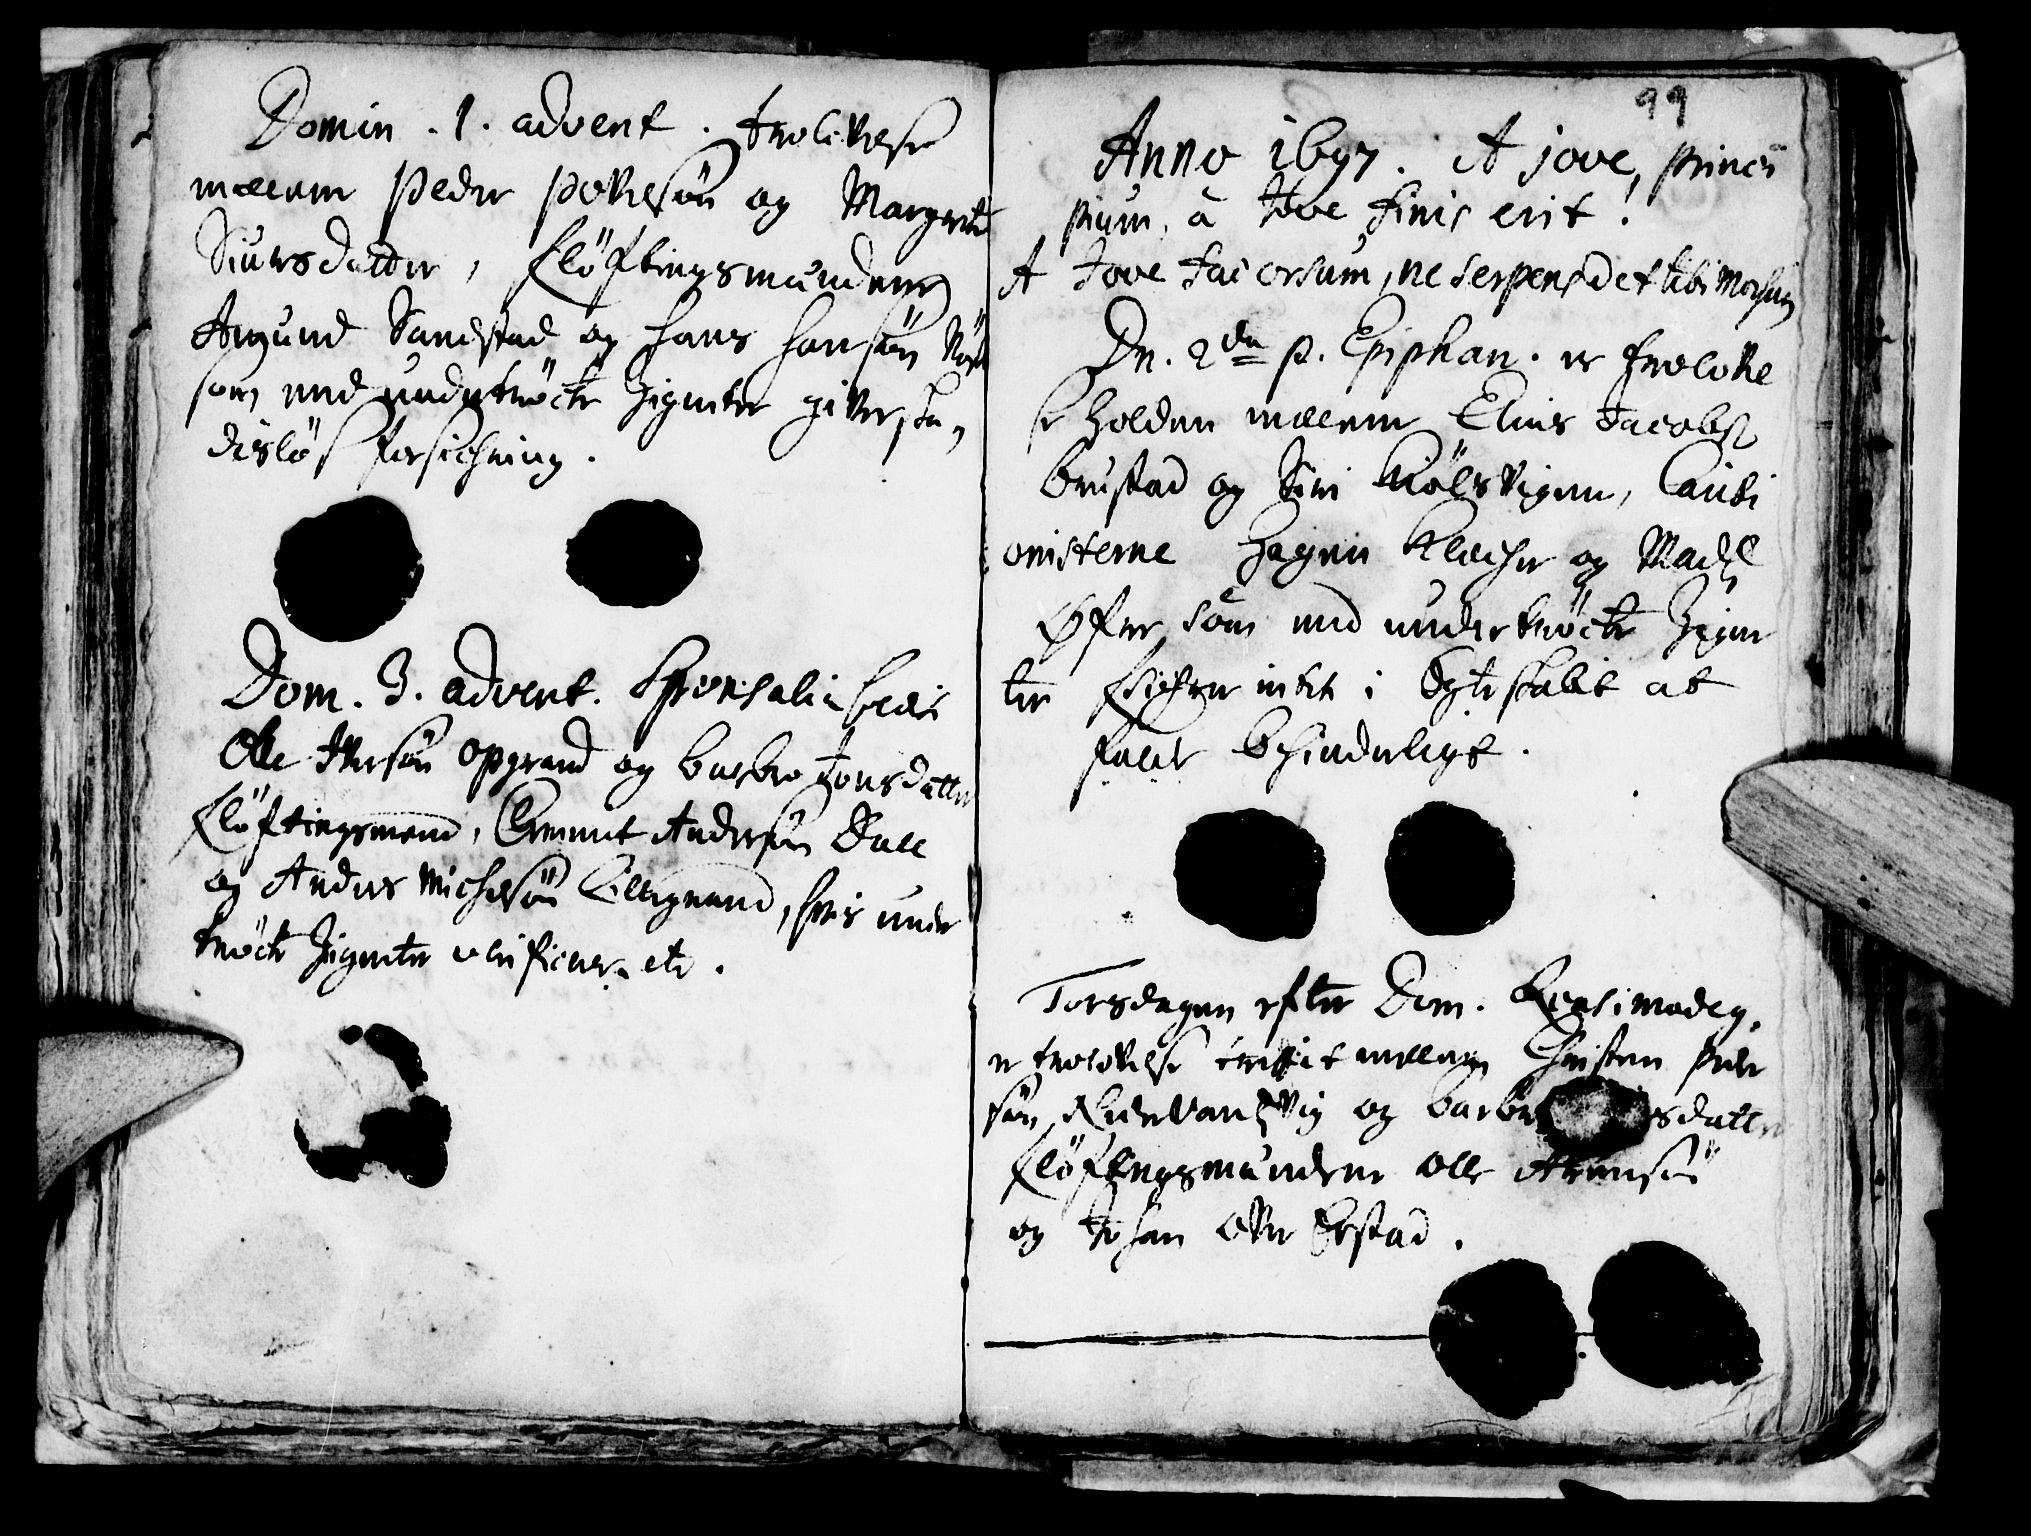 SAT, Ministerialprotokoller, klokkerbøker og fødselsregistre - Nord-Trøndelag, 722/L0214: Ministerialbok nr. 722A01, 1692-1718, s. 99